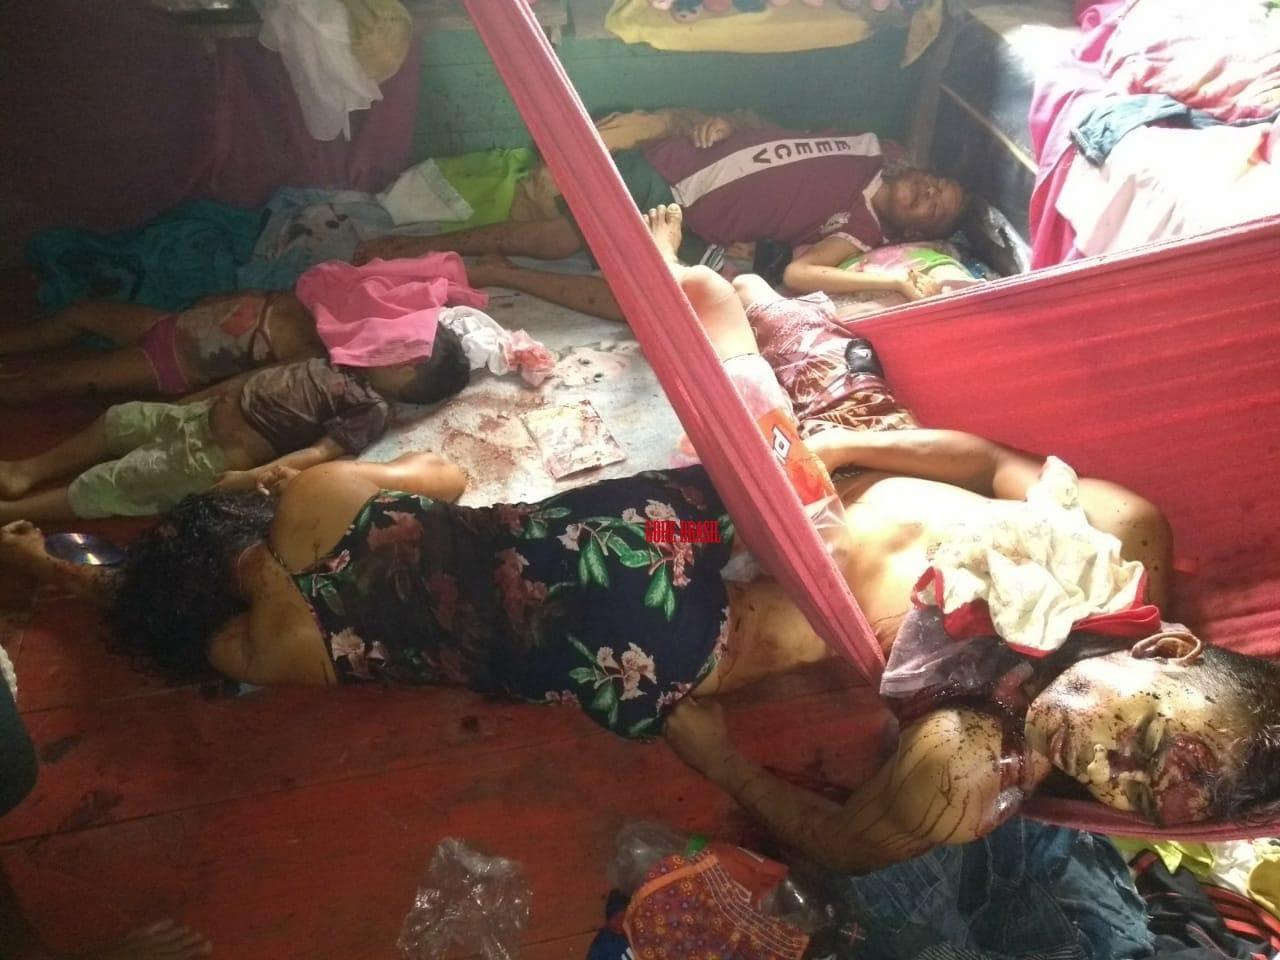 【世紀末都市】ブラジルの殺し屋3人組、超格安で子供含む一家5人を惨殺する・・・・・(画像)・1枚目